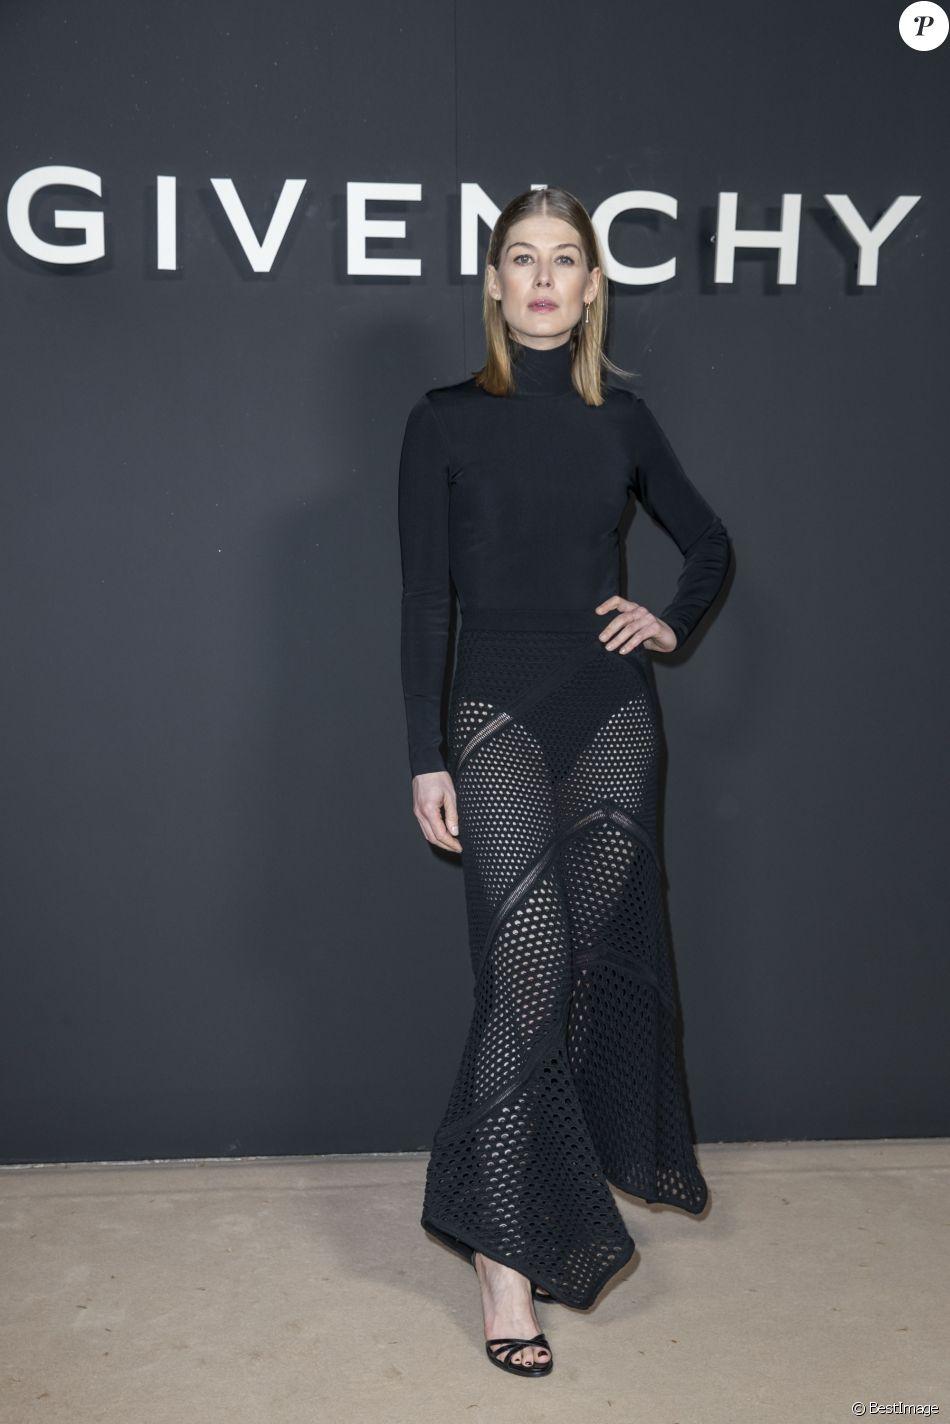 Rosamund Pike au photocall du défilé de mode Givenchy collection prêt-à-porter Automne-Hiver 2019/2020 lors de la fashion week à Paris, France, le 3 mars 2019. © Olivier Borde/Bestimage